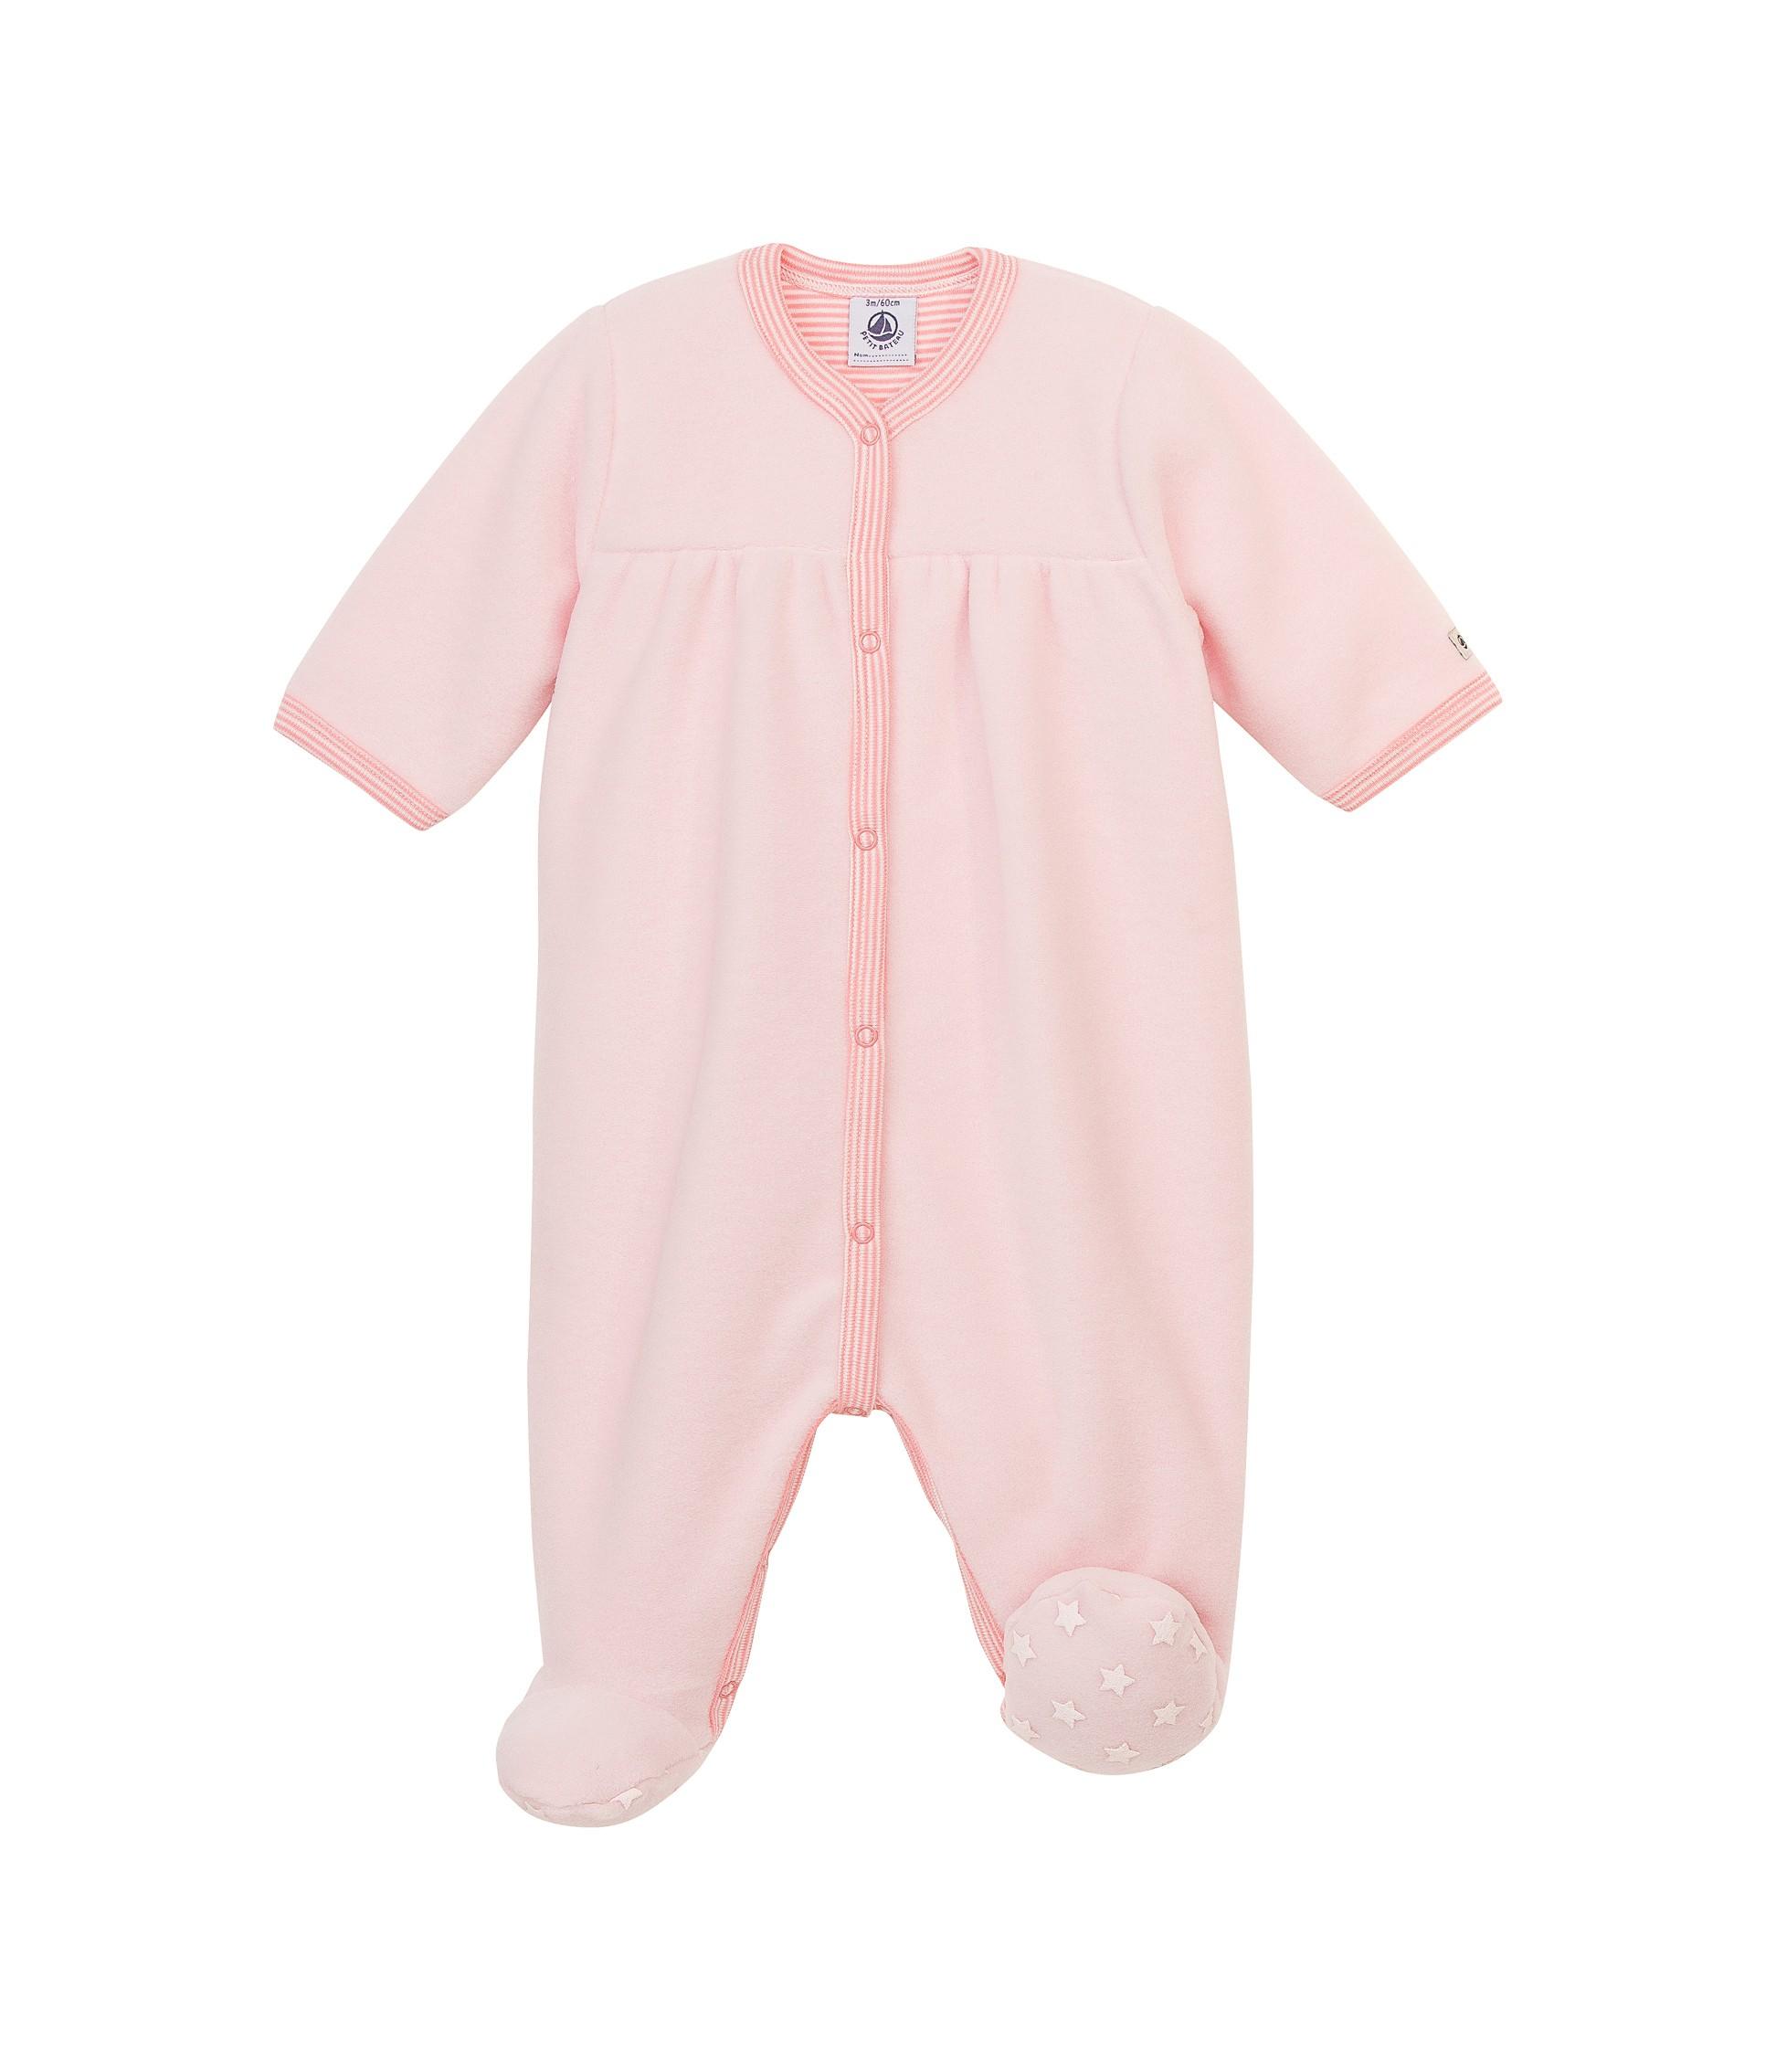 Φορμάκι ολόσωμο φλις για μωρό κορίτσι - petit-bateau.gr 30c53d1feff